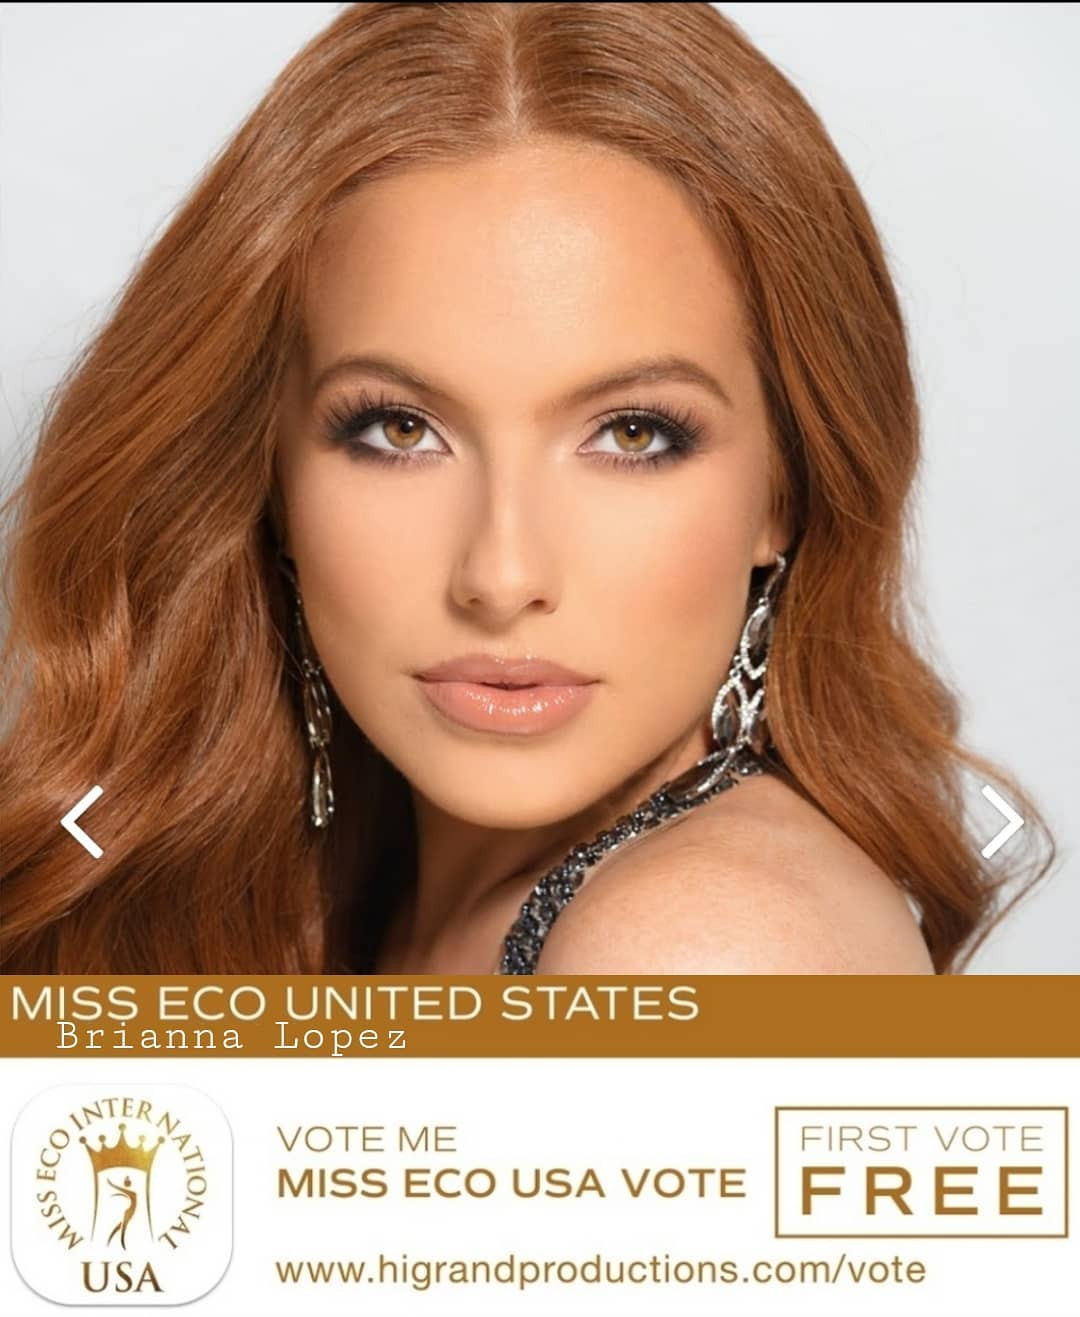 candidatas a miss eco usa 2021. final: 18 june. CJcMyG